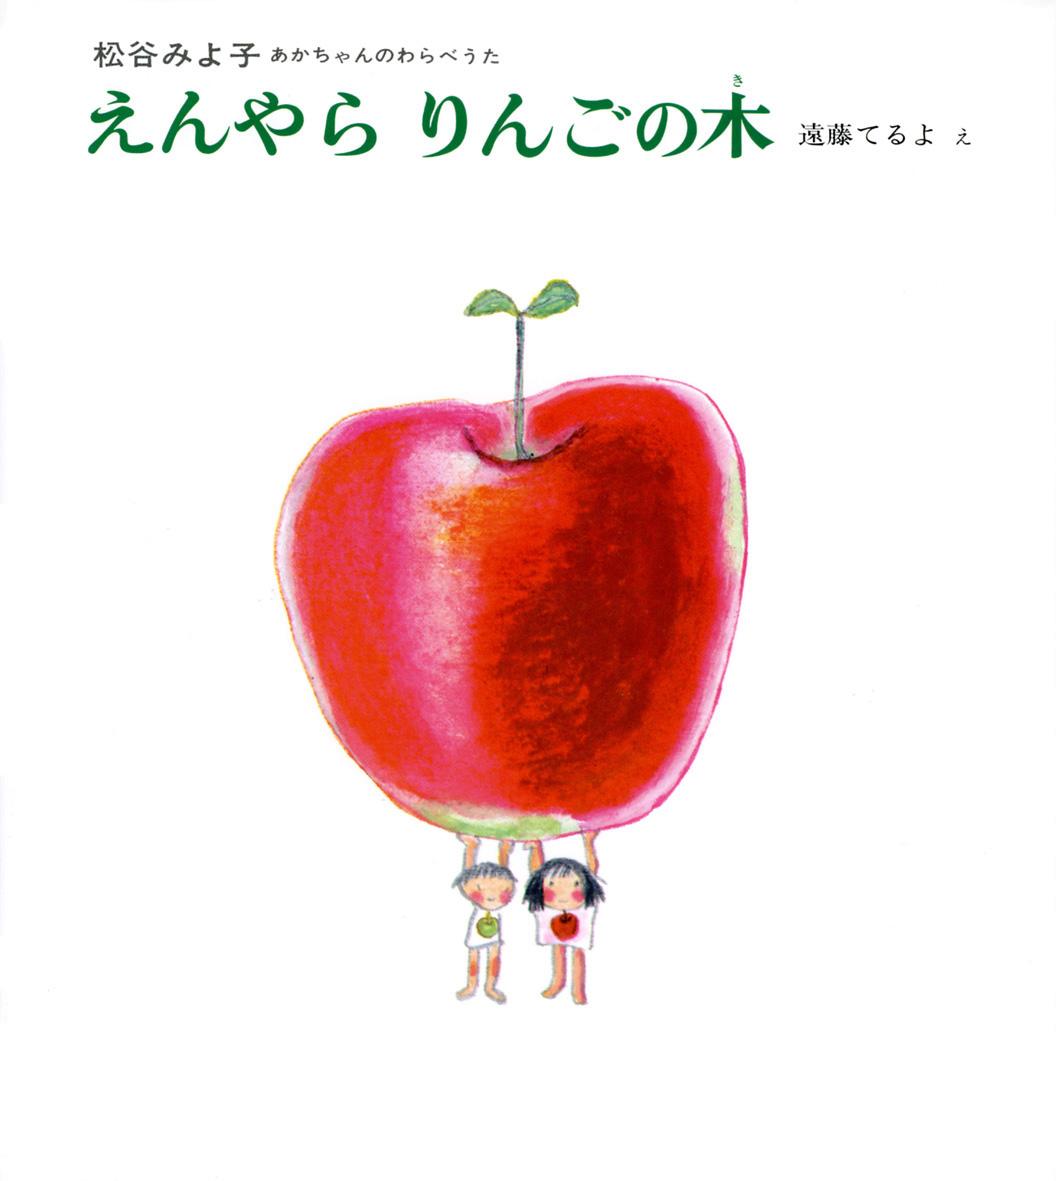 えんやらりんごの木